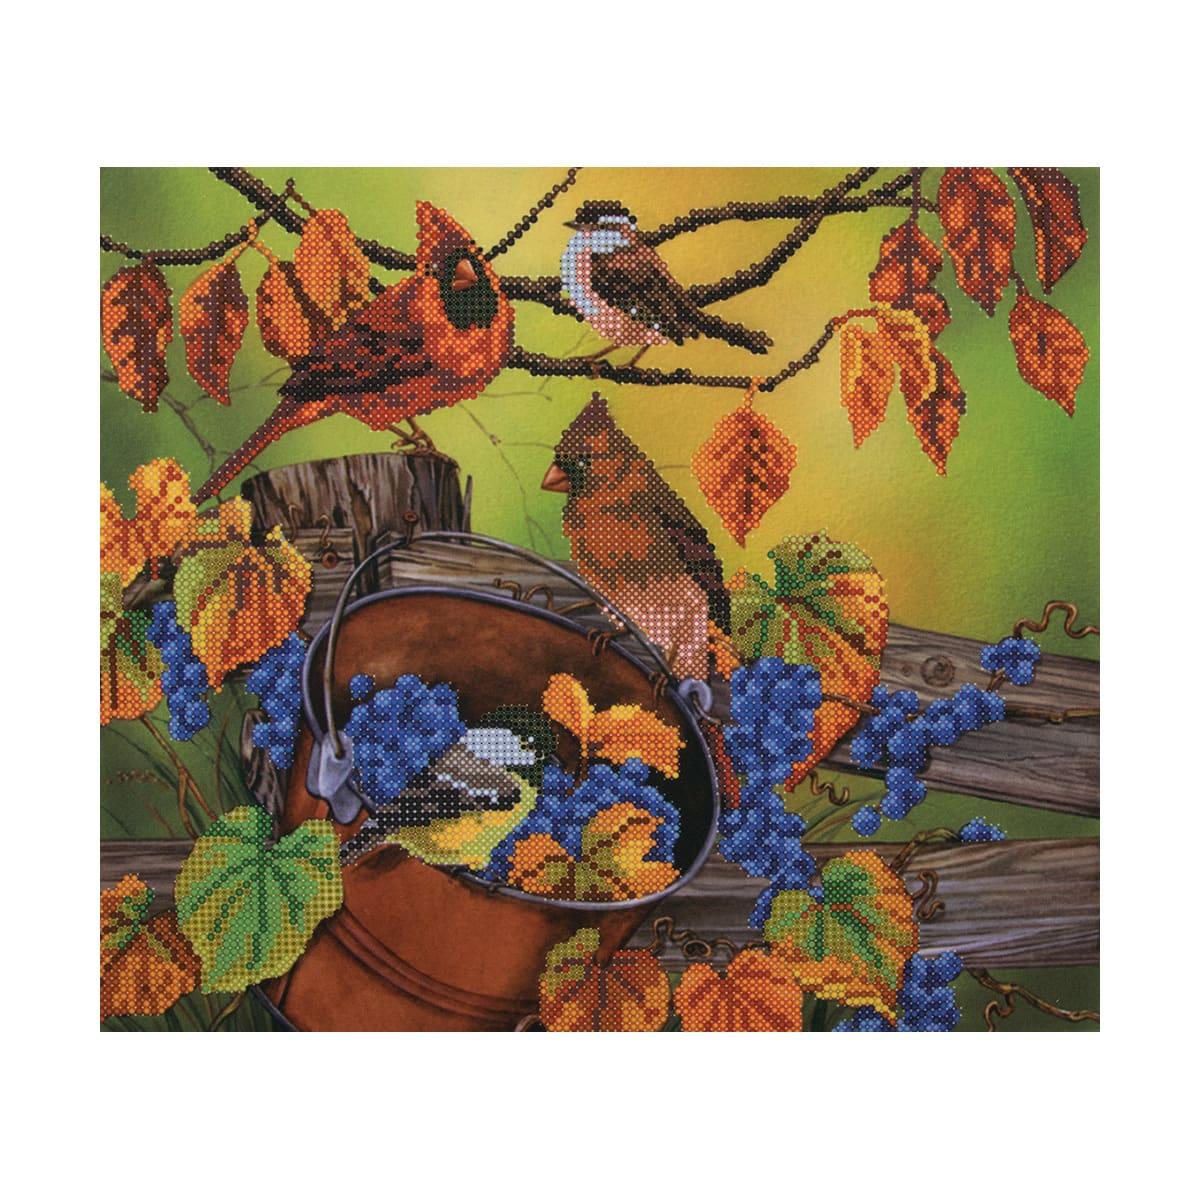 НР-3065 Канва с рисунком для вышивания бисером 'Щедрый урожай' Hobby&Pro 30*26см